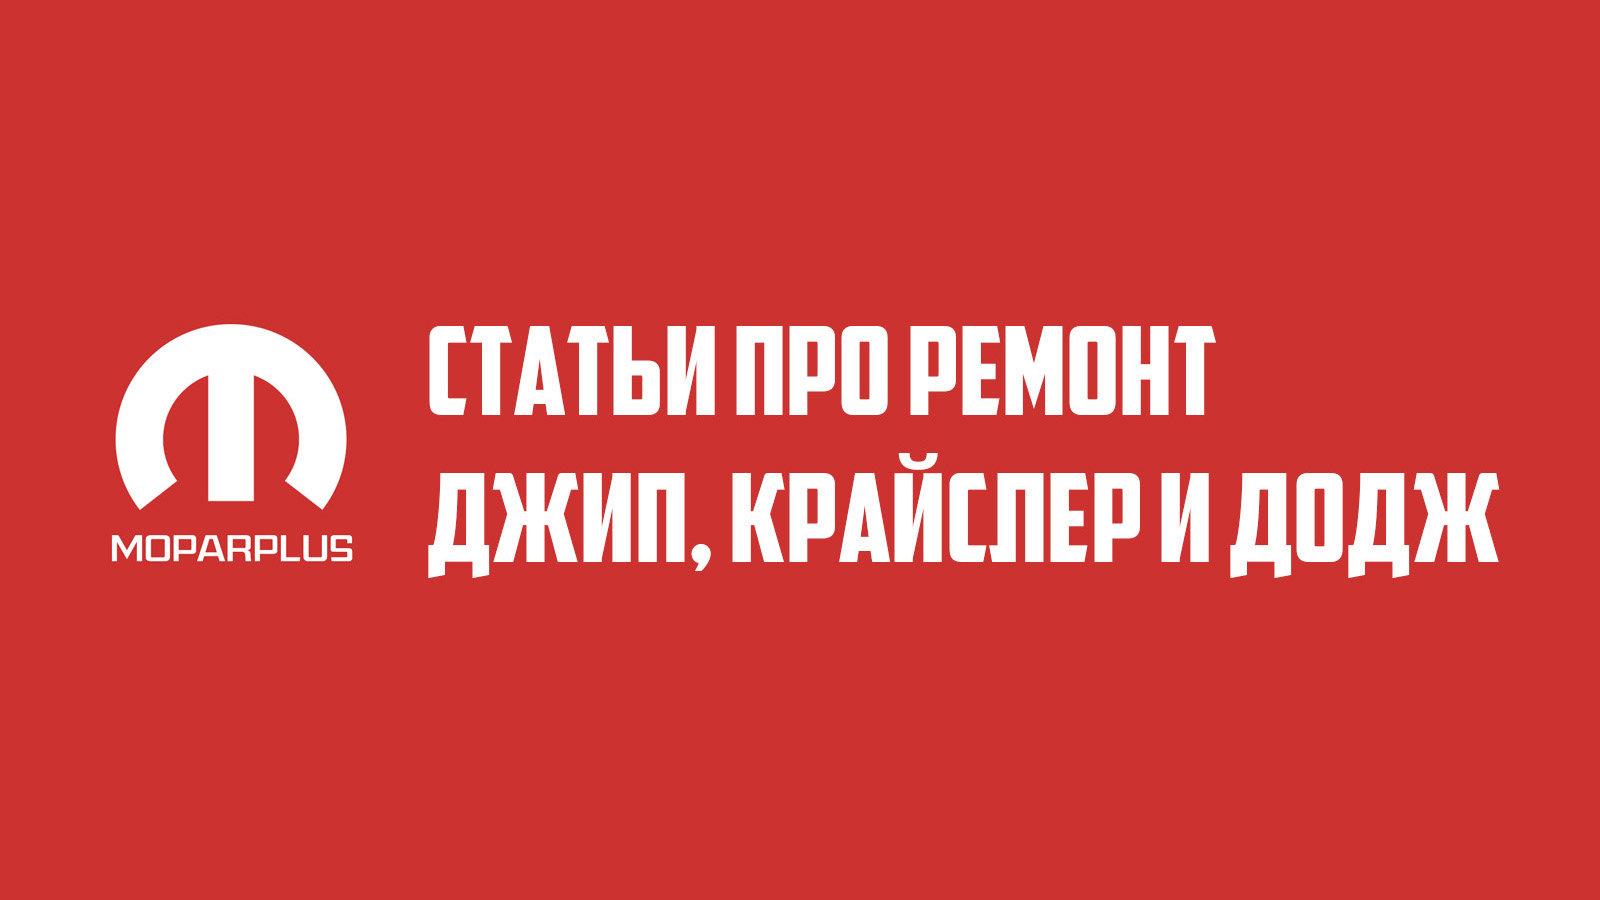 Статьи про ремонт. Выпуск №34.